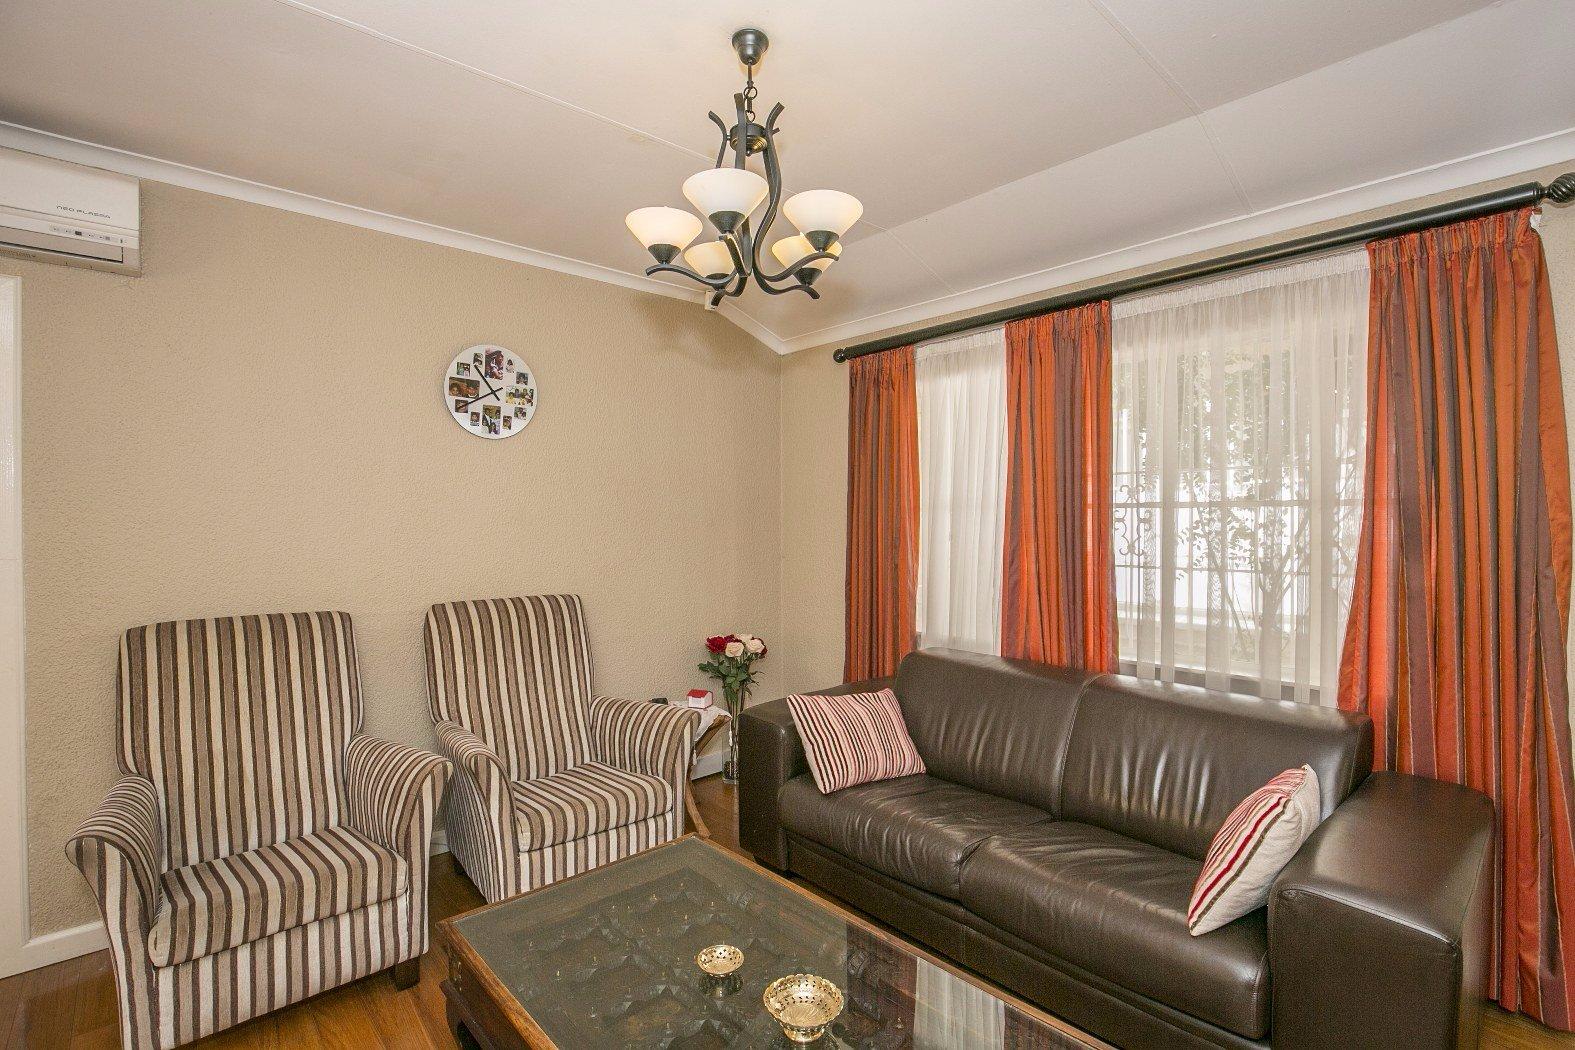 House For Sale In Glenvista 4 Bedroom 13500223 1 13